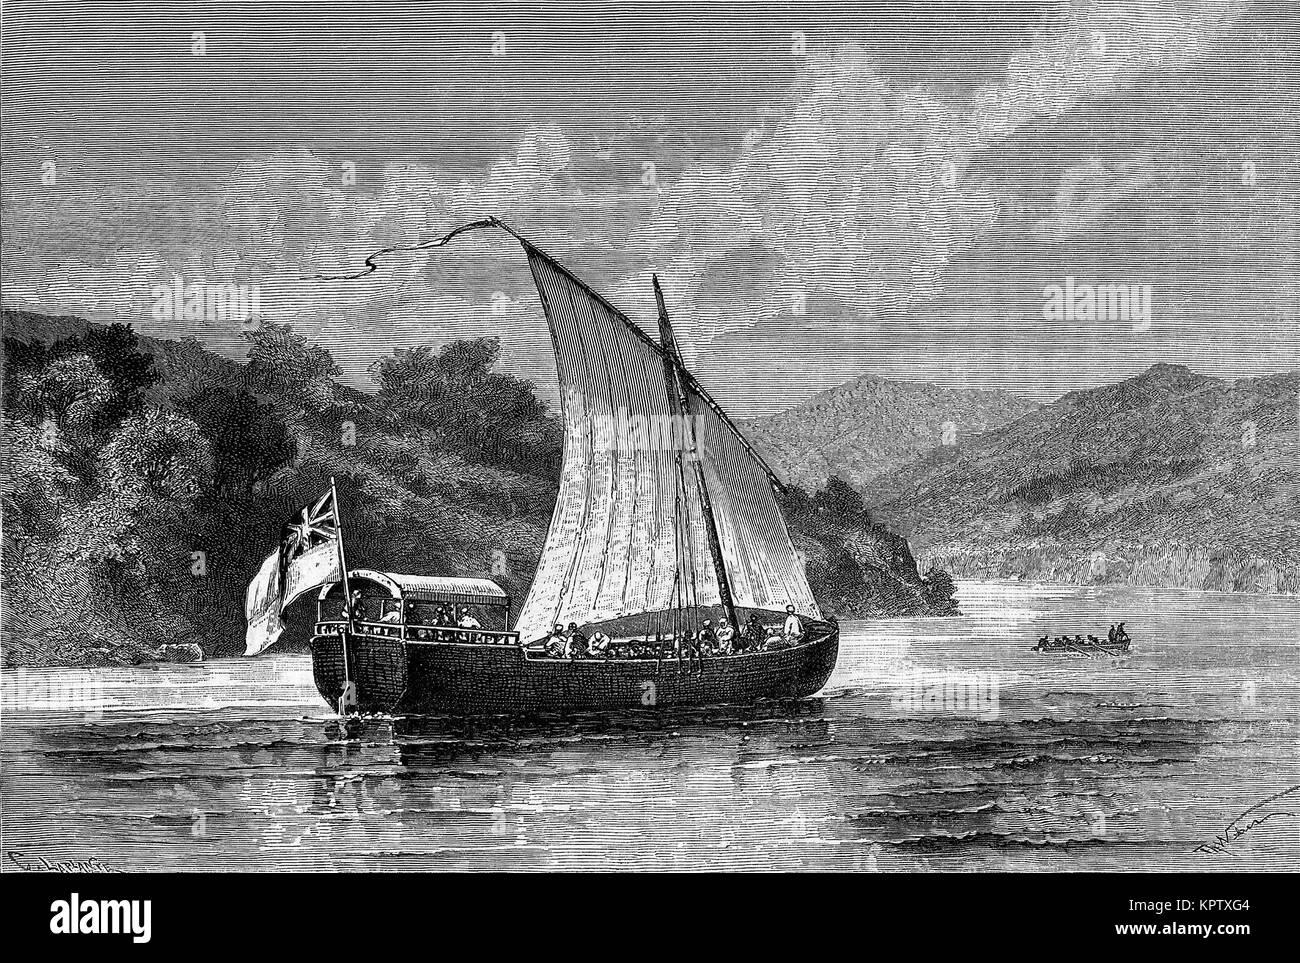 Betsy boat on Lake Tanganyika, Tanzania, Betsy boat of Verney Lovett Cameron - Stock Image